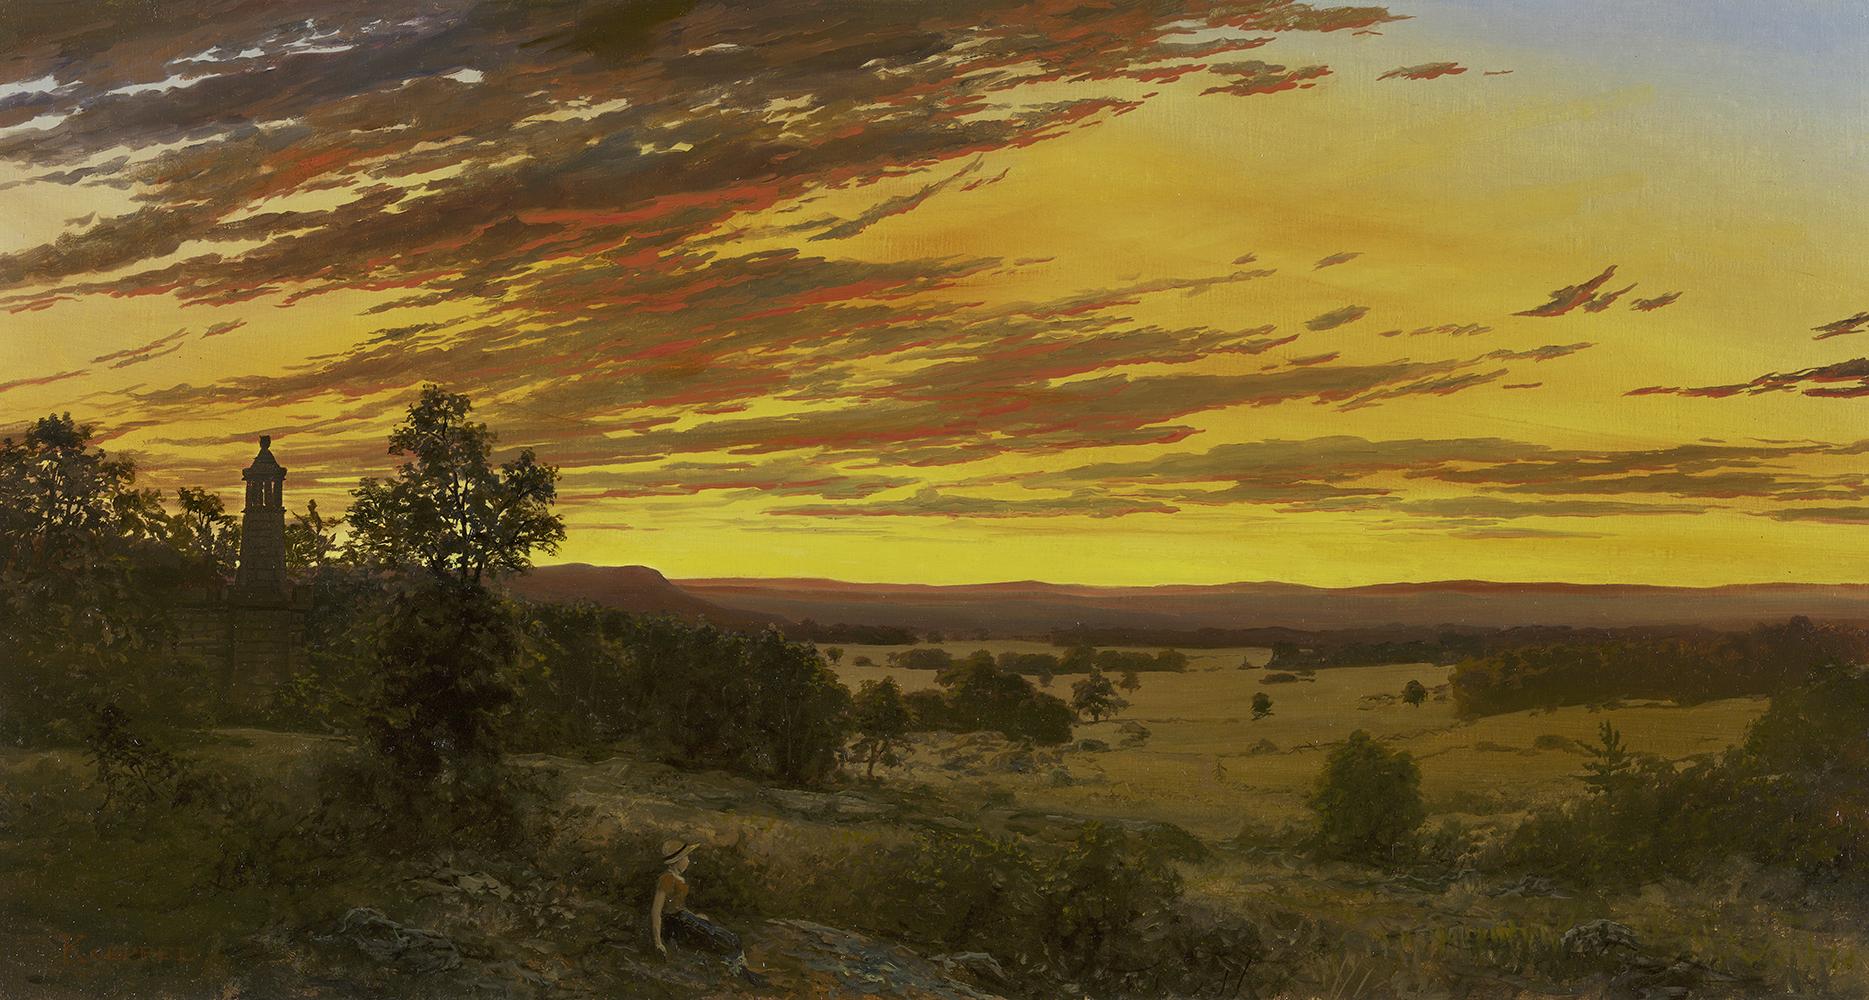 erik_koeppel_ek1061_sunset_from_little_roundtop_gettysburg.jpg